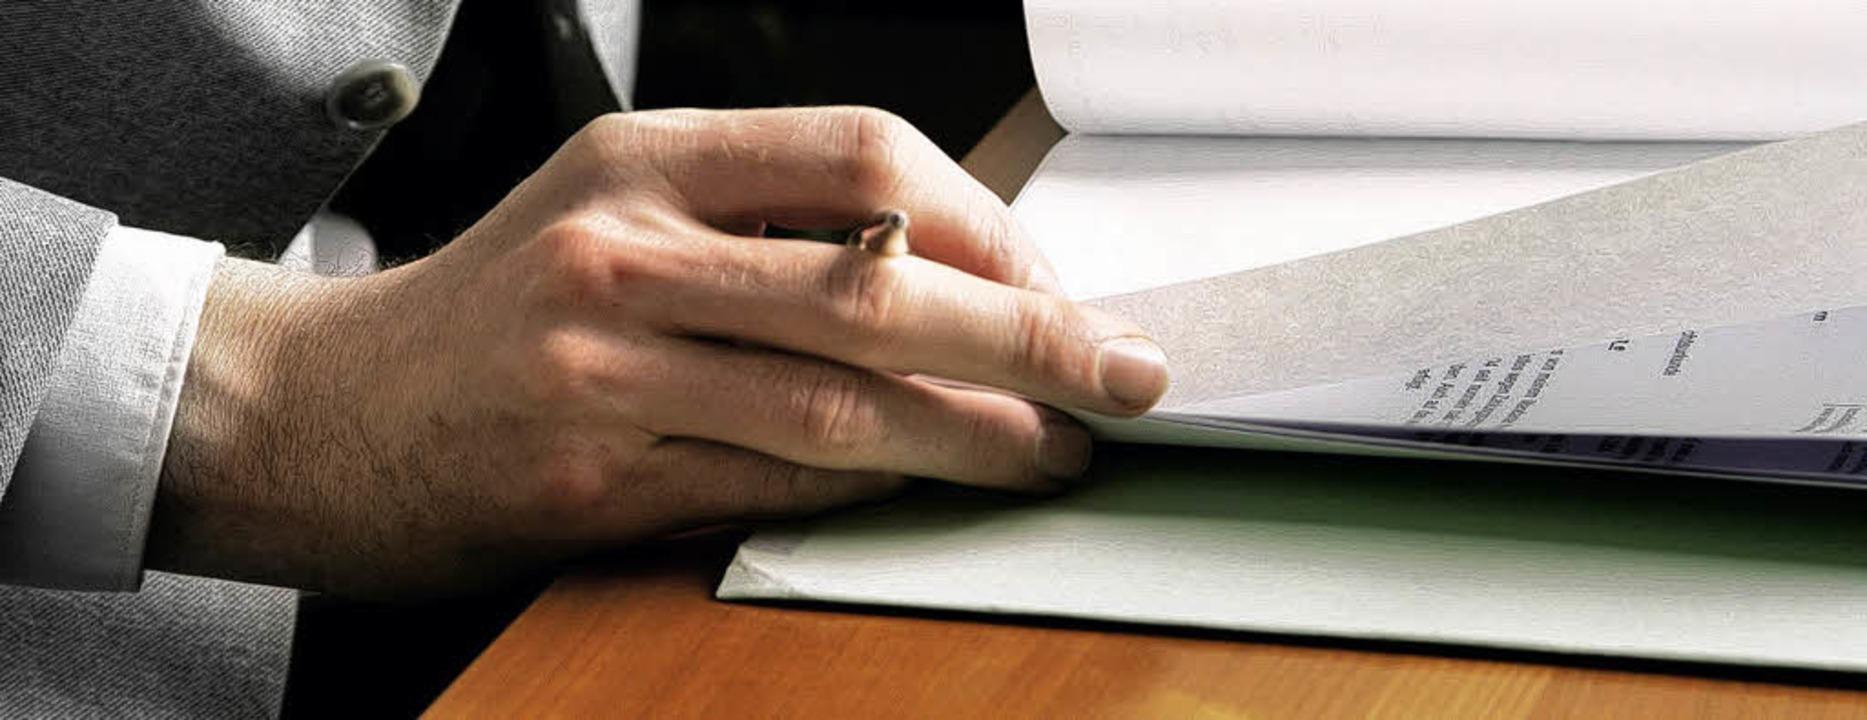 Hauen Versicherungsvertreter andere üb... Umfrage nach dieser Ansicht zu sein.   | Foto: fotolia.com/IsoK